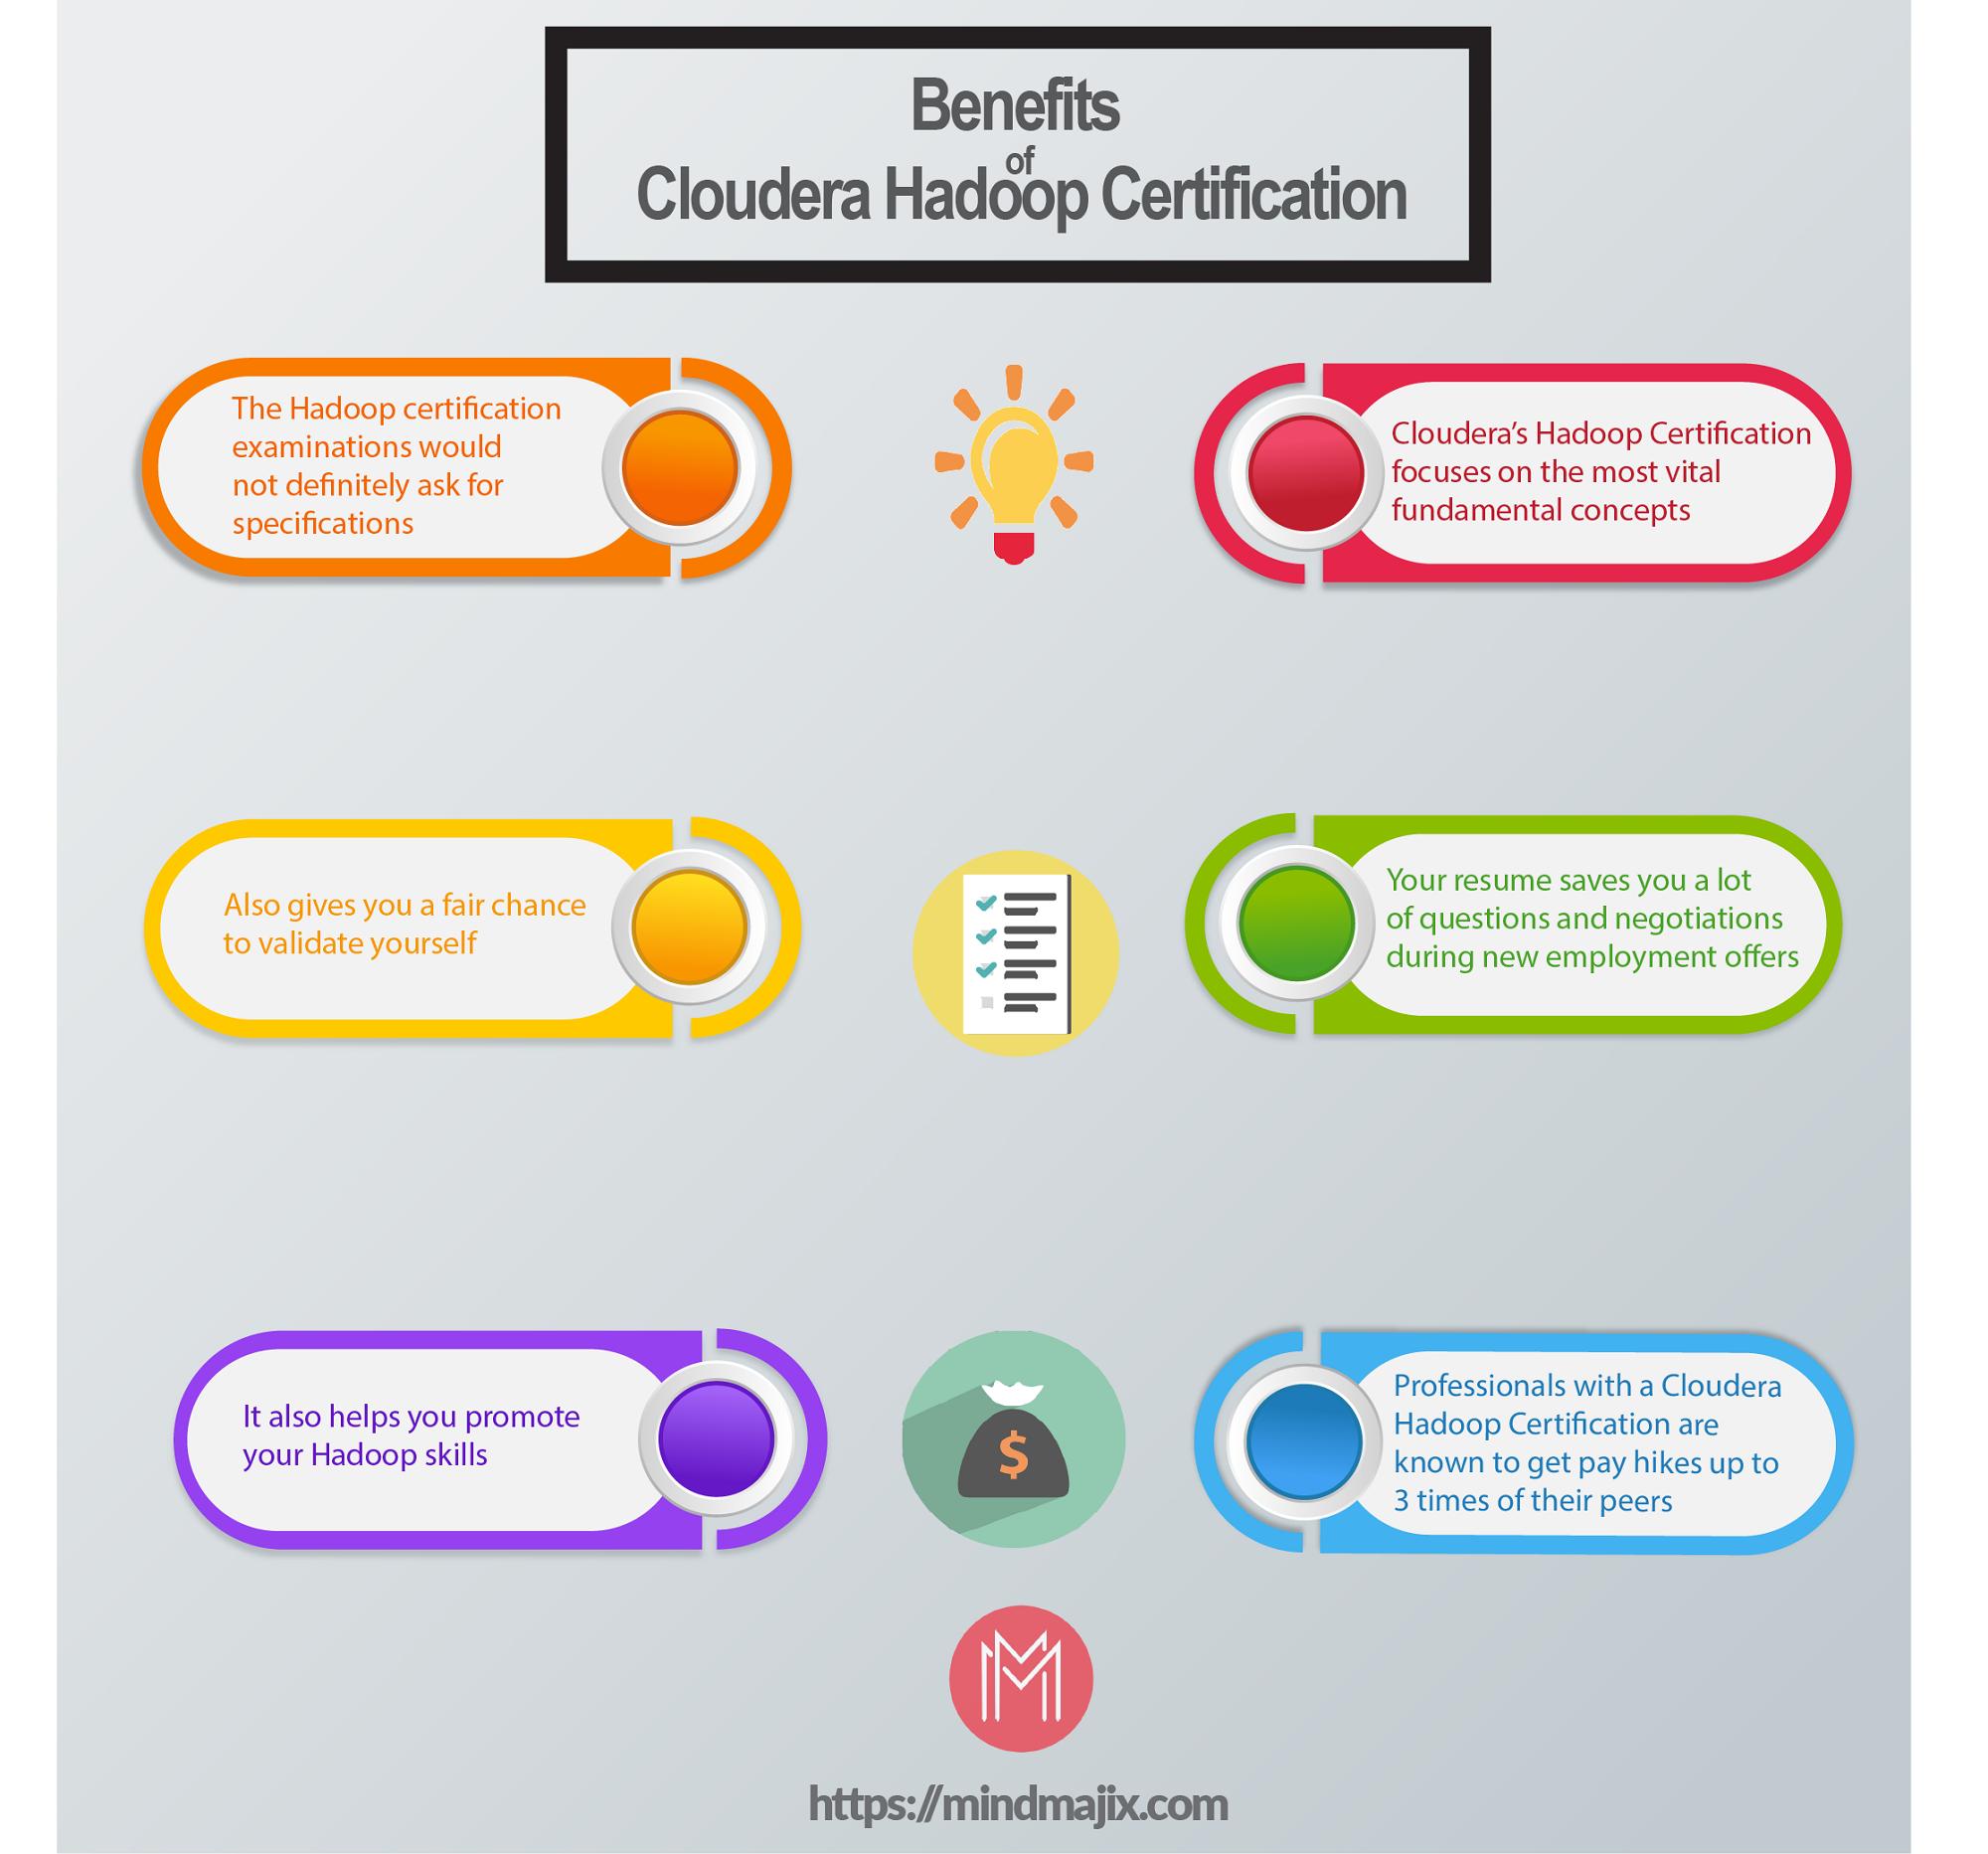 Benefits Of Cloudera Hadoop Certification